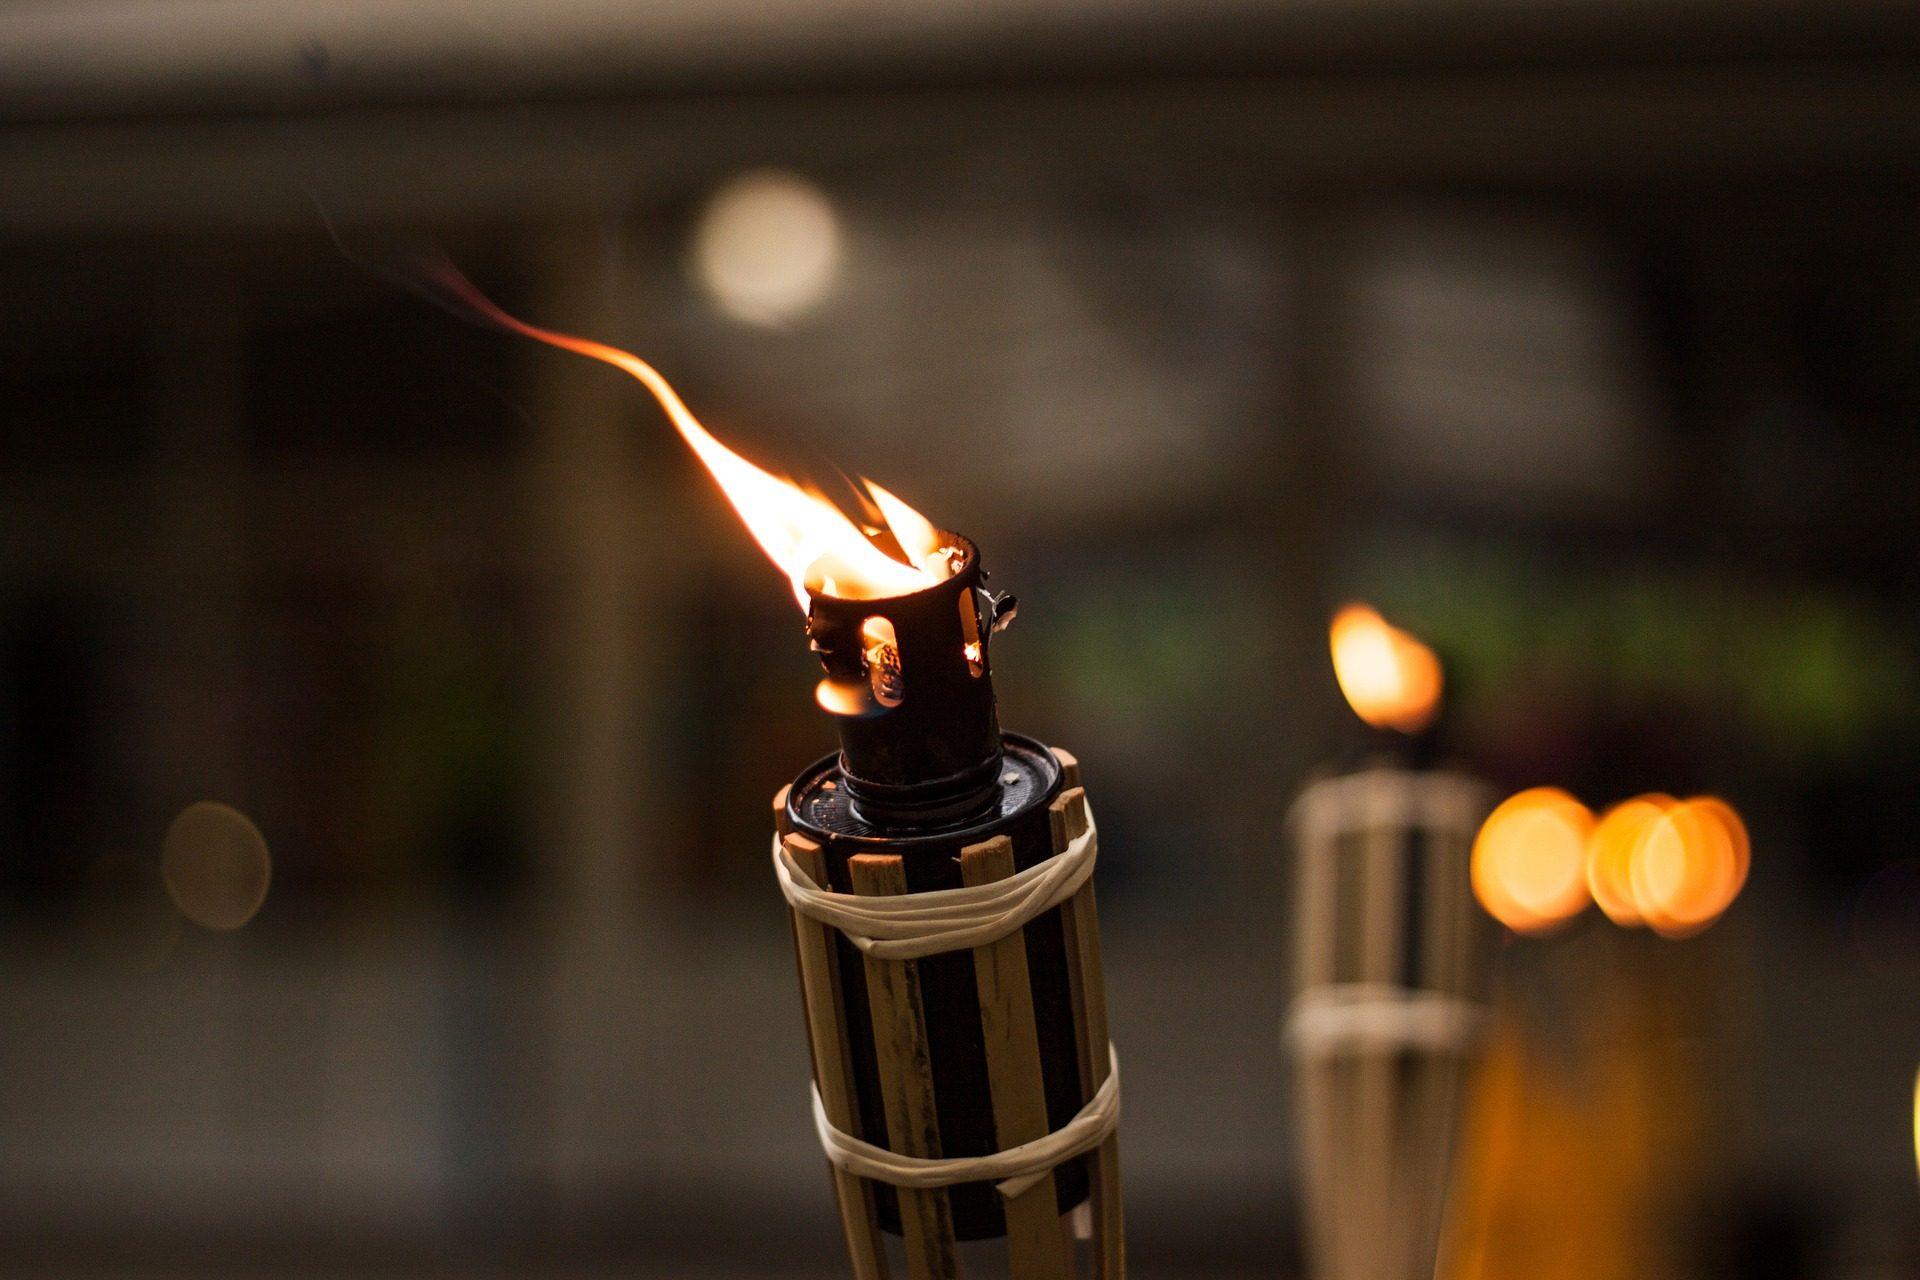 antorcha, llama, fuego, luz, flama - Fondos de Pantalla HD - professor-falken.com